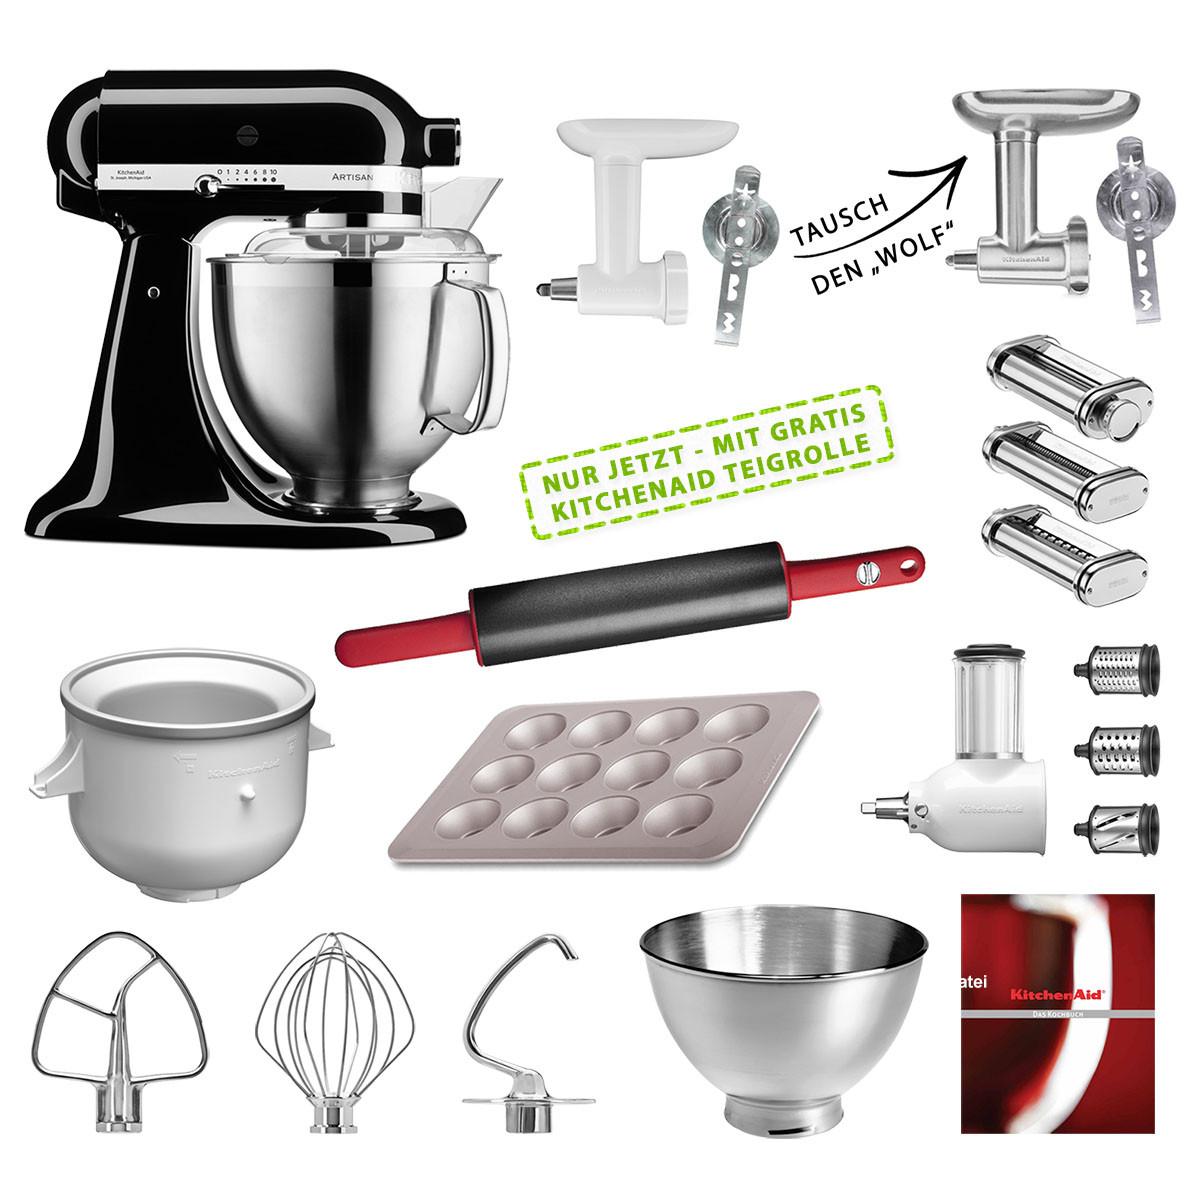 KitchenAid Küchenmaschine 185PS Mega-Paket onyx schwarz